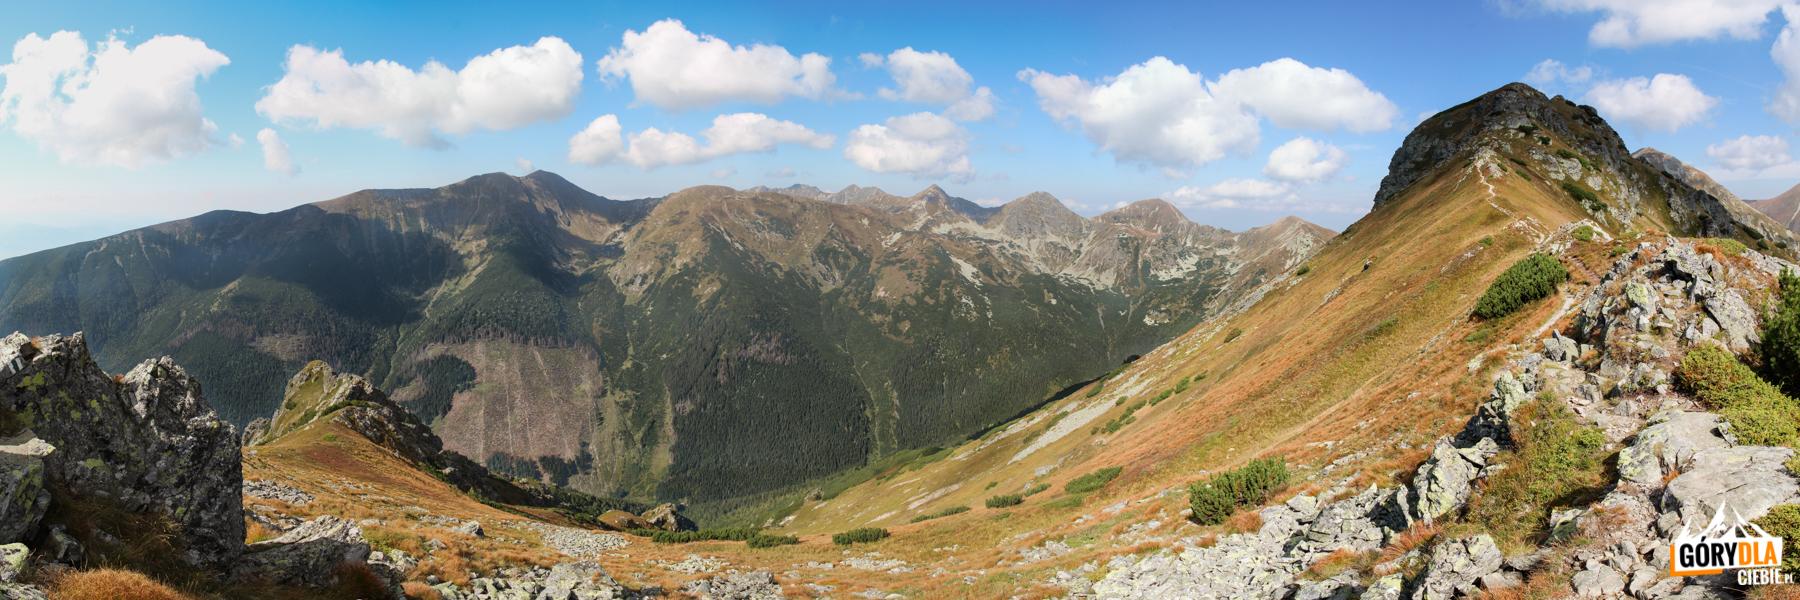 Panorama zNiżnej Magury (1920 m) naBaraniec (2185 m), Smrek (2071 m), Banówkę (2178 m), Hrubą Kopę (2166 m), Rohacze – Płaczliwy (2125 m) iOstry (2088 m), Wołowiec (2064 m) iŁopatę (1958 m)